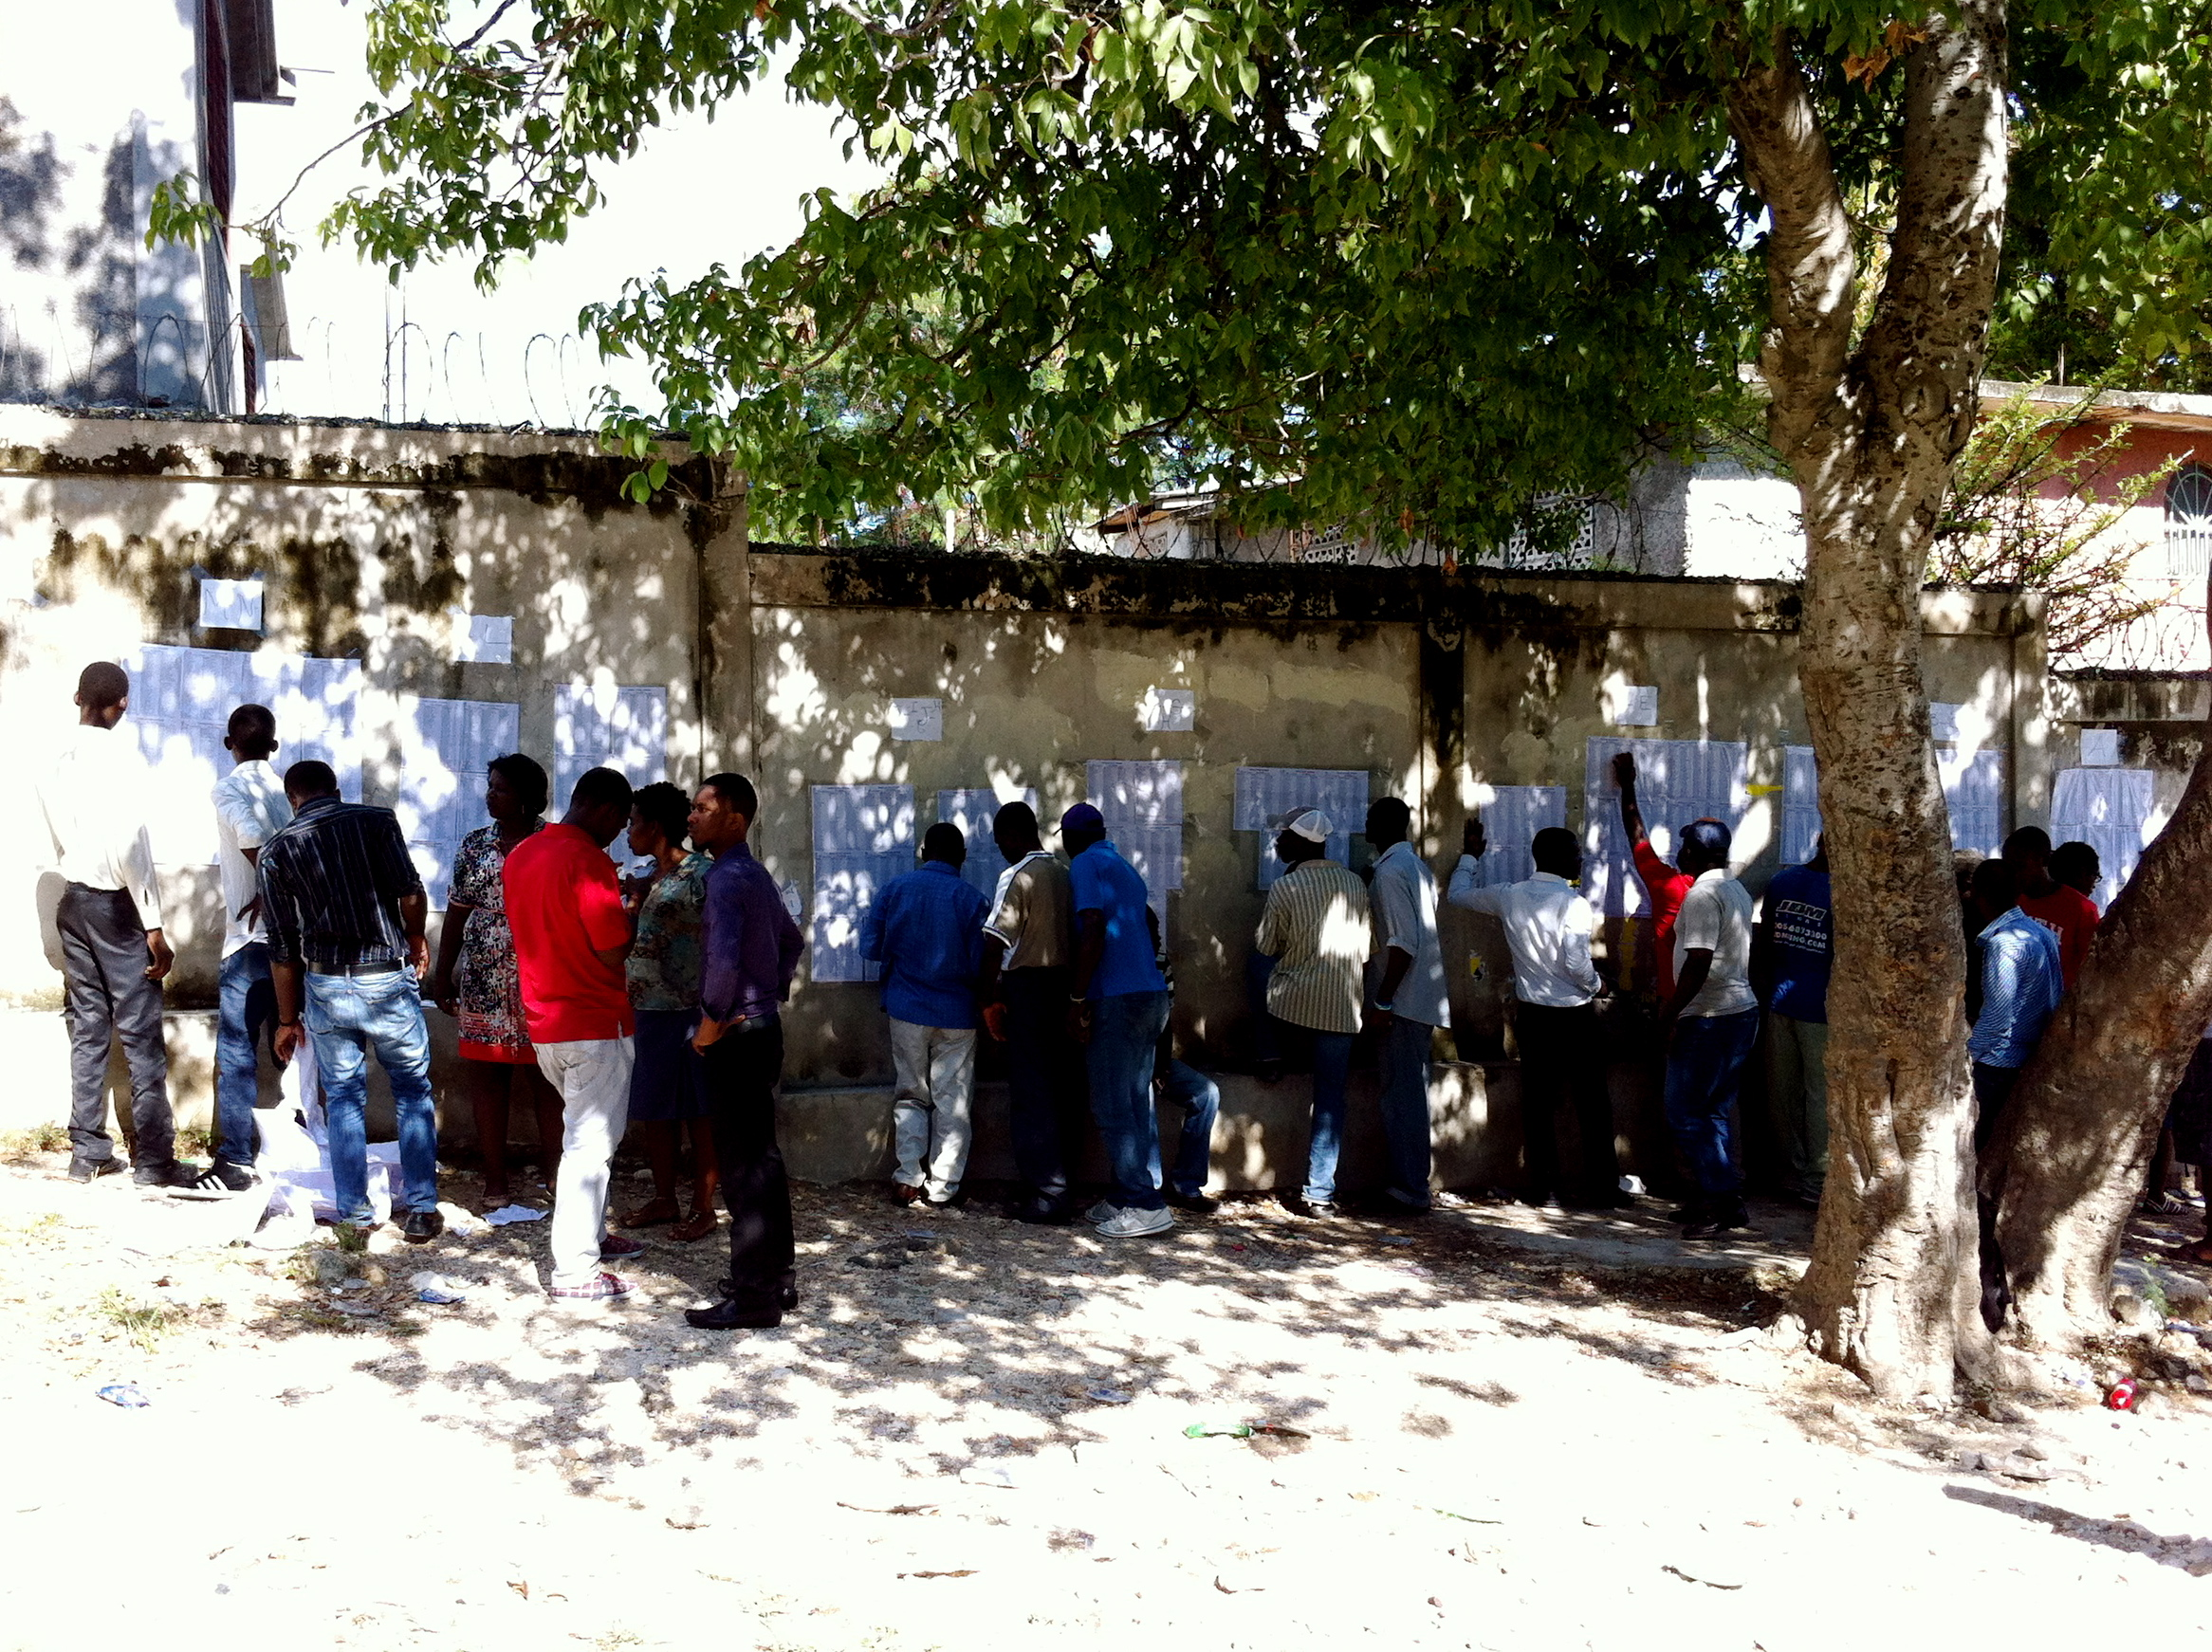 Élections à Port-au-Prince © Youri Hanne